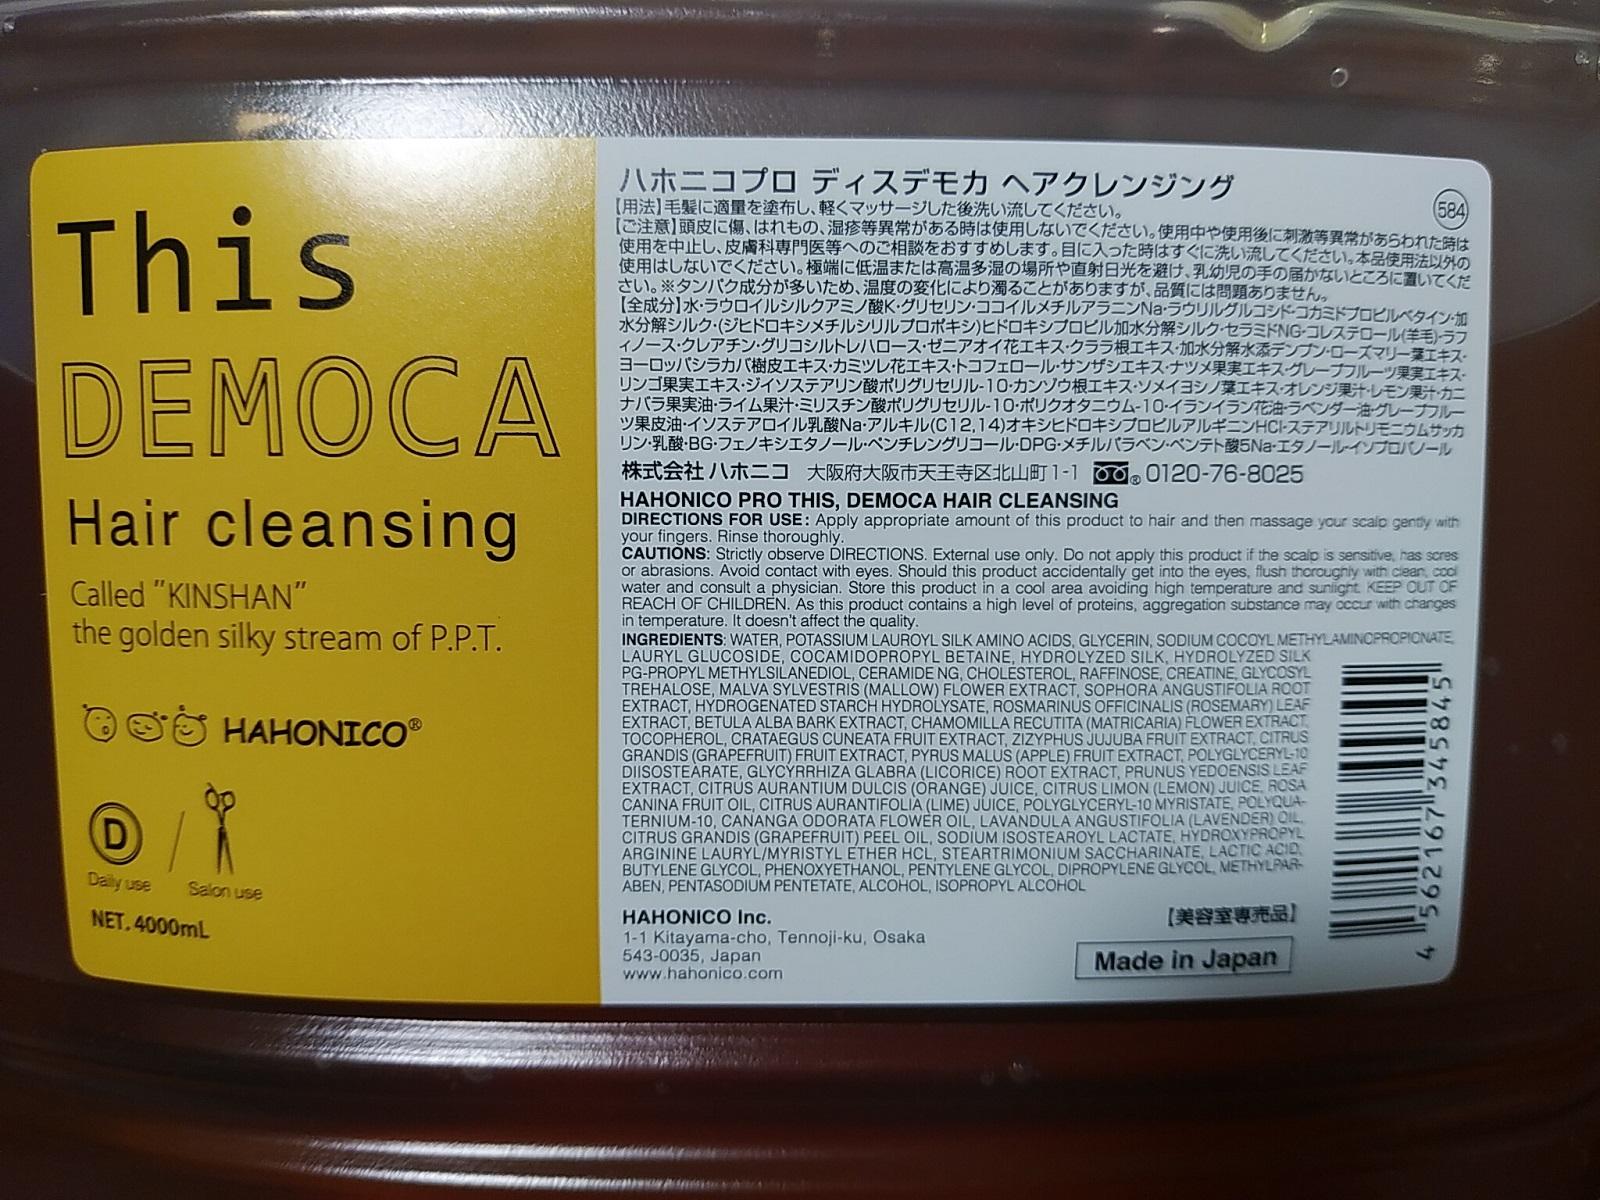 【】ハホニコプロ ディスデモカヘアクレンジング 4000ml:美shop